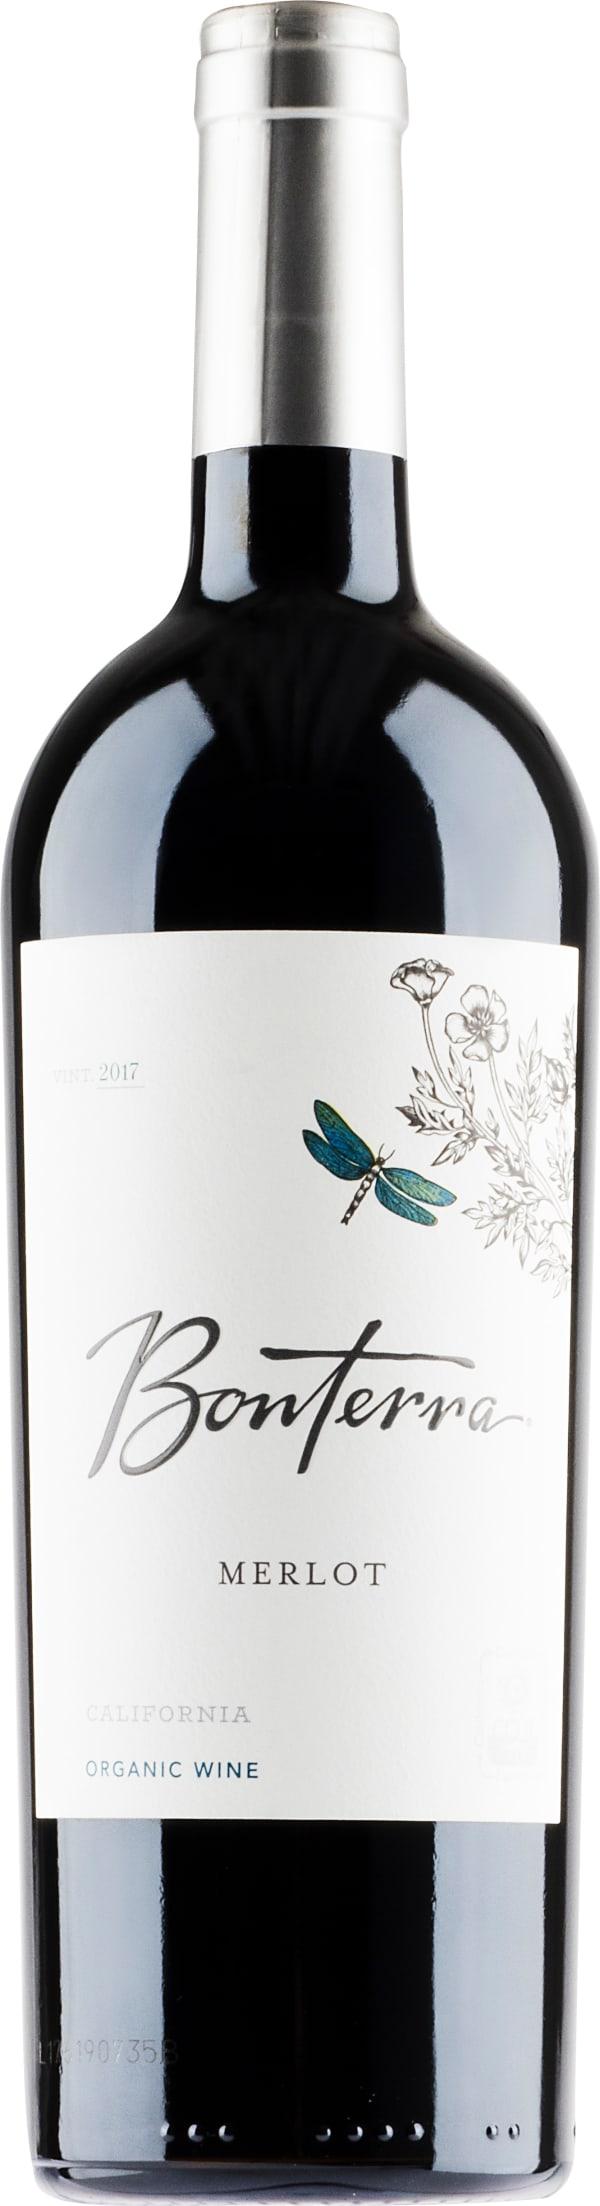 Bonterra Organic Merlot 2018